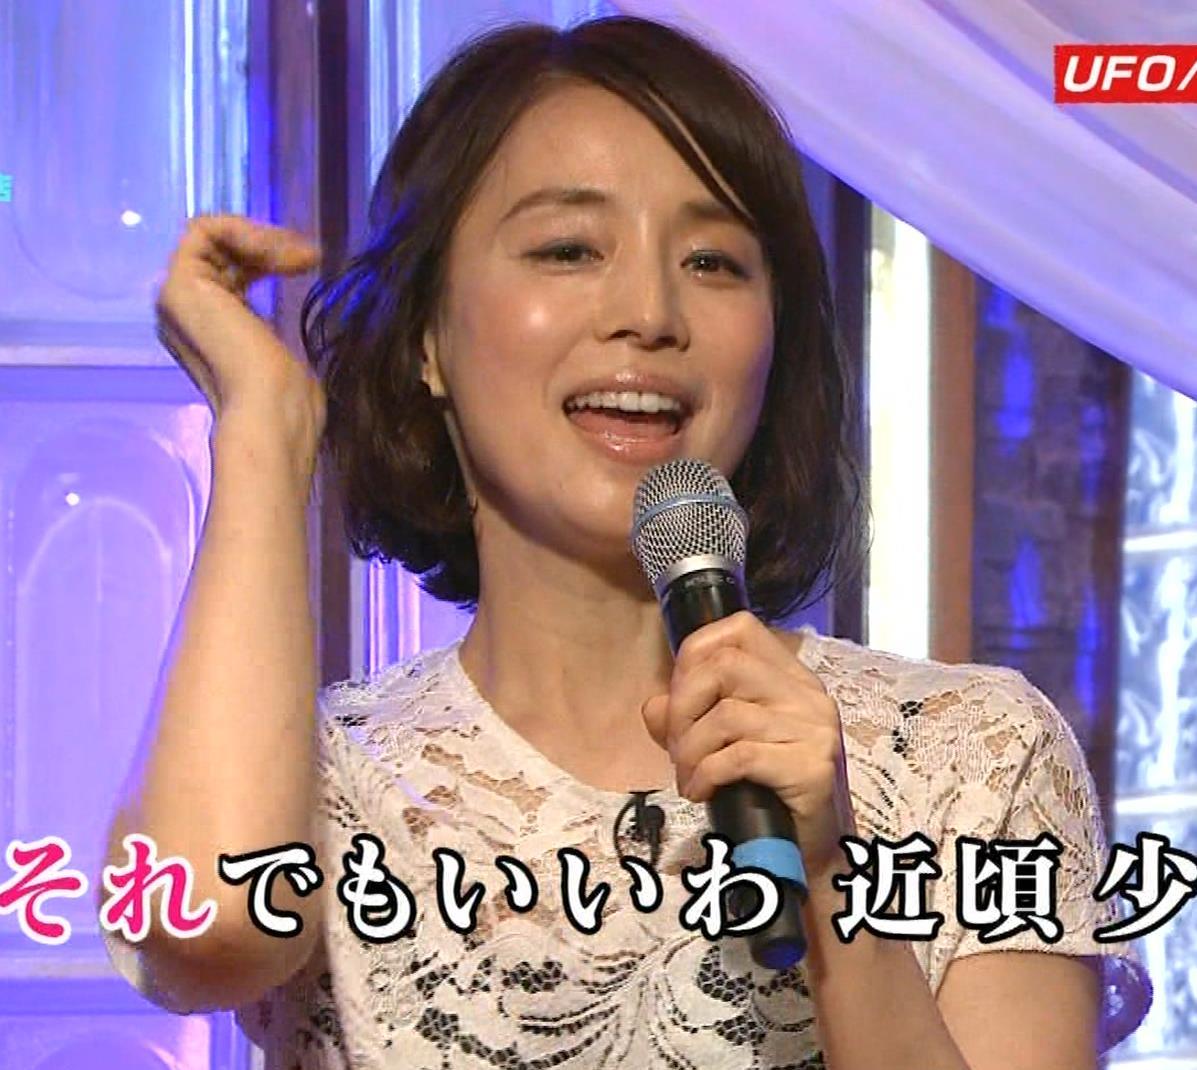 石田ゆり子 スケスケ衣装キャプ・エロ画像12